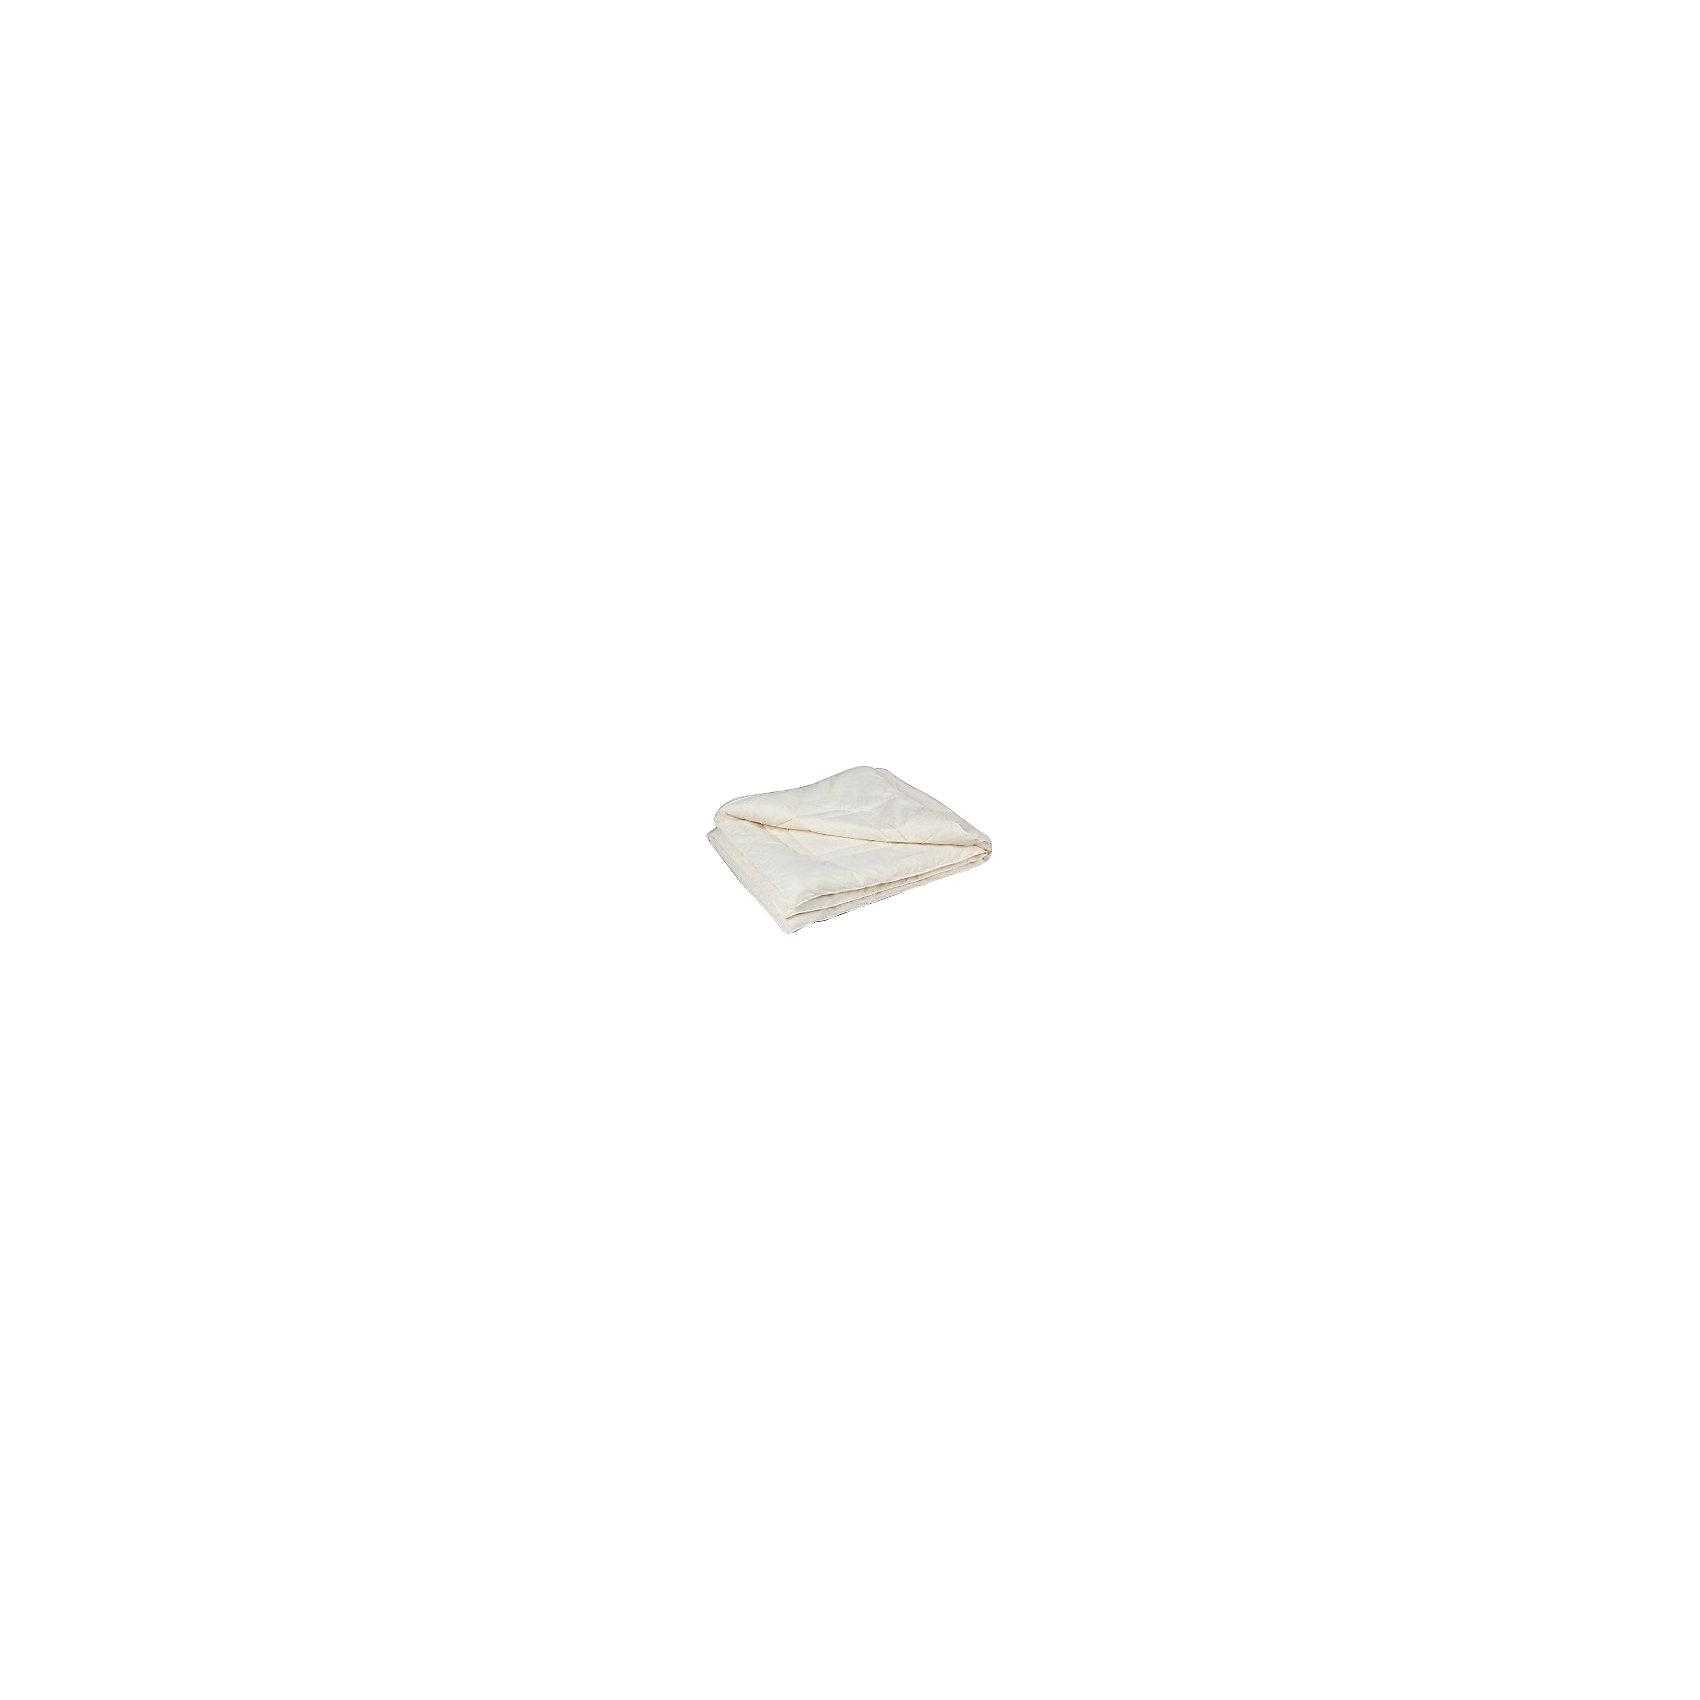 Одеяло 110*140 см (синтетическое волокно, сатин), НепоседаТеплое и мягкое детское одеяло Непоседа - идеальный вариант для самых маленьких, оно согреет Вашего малыша в прохладную погоду и создаст атмосферу уюта в детской комнате. Одеяло выполнено из качественного хлопка с гипоаллергенным наполнителем, хорошо пропускает воздух и позволяет коже дышать, сохраняет тепло и предотвращает повышенное потоотделение. Одеяло отлично сохраняет свои свойства даже после многочисленных стирок. <br><br>Дополнительная информация:<br><br>- Цвет: белый.<br>- Материал: сатин, наполнитель - синтетическое волокно.<br>- Размер одеяла: 110 х 140 см.<br>- Размер упаковки: 60 х 70 х 20 см.<br>- Вес: 0,7 кг. <br><br>Одеяло (синтетическое волокно, сатин), Непоседа, можно купить в нашем интернет-магазине.<br><br>Ширина мм: 600<br>Глубина мм: 700<br>Высота мм: 200<br>Вес г: 700<br>Возраст от месяцев: 0<br>Возраст до месяцев: 60<br>Пол: Унисекс<br>Возраст: Детский<br>SKU: 4053624